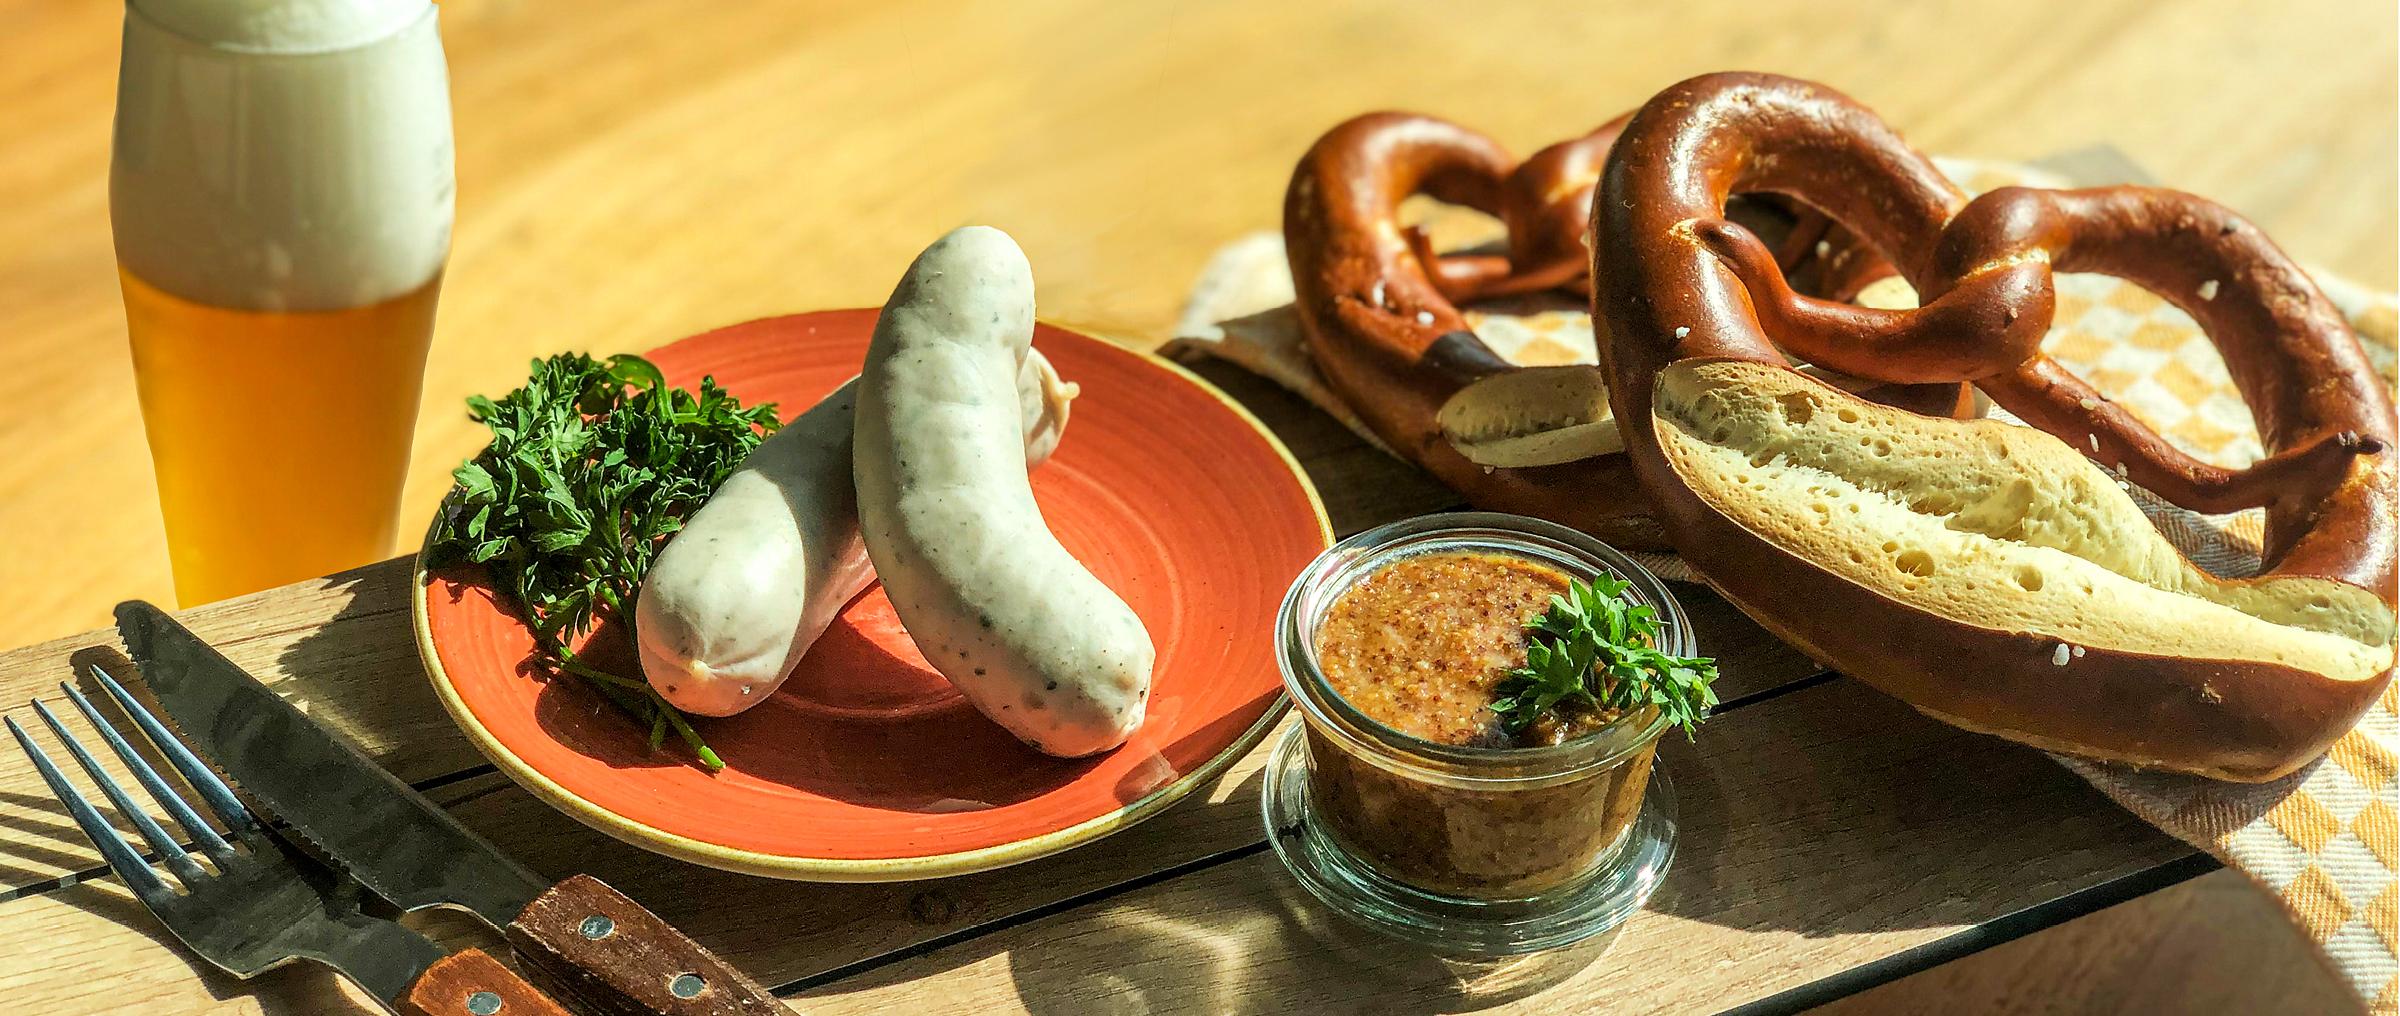 KATZ Weißwurstfrühstück mit selbstgeschlungenen Brezeln